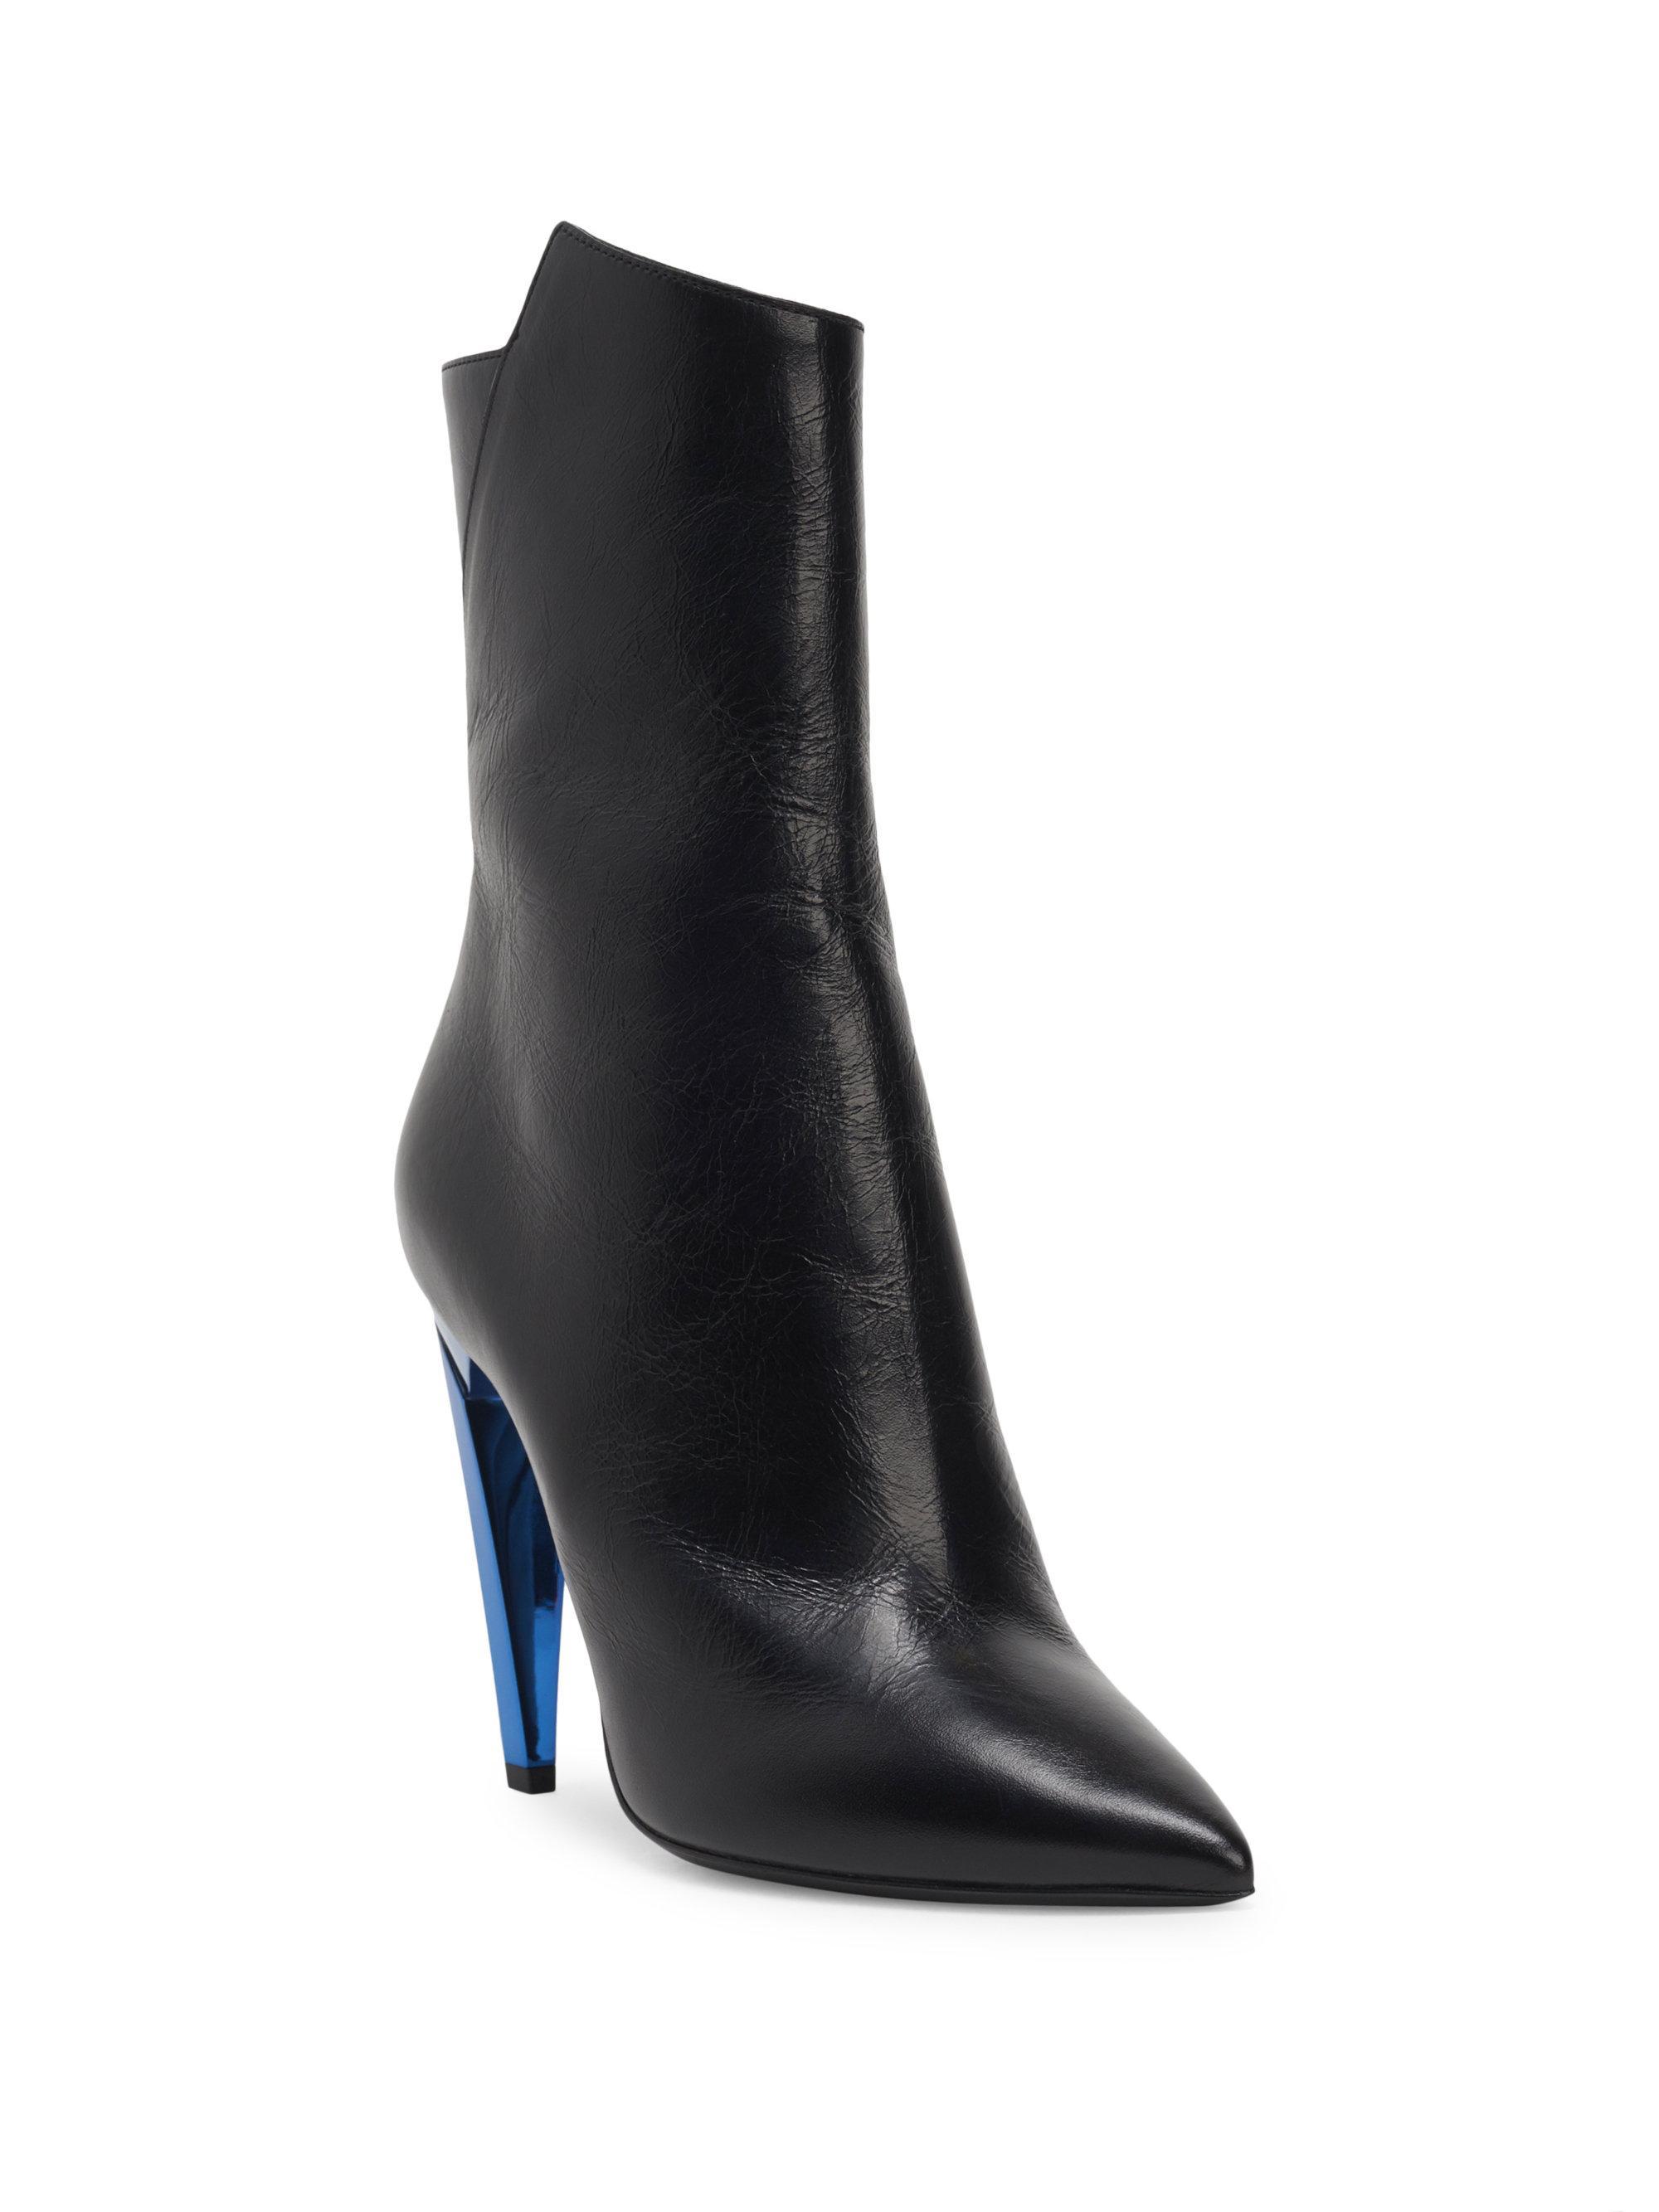 Saint Laurent Metallic Heel Freja Boots 2kK7H